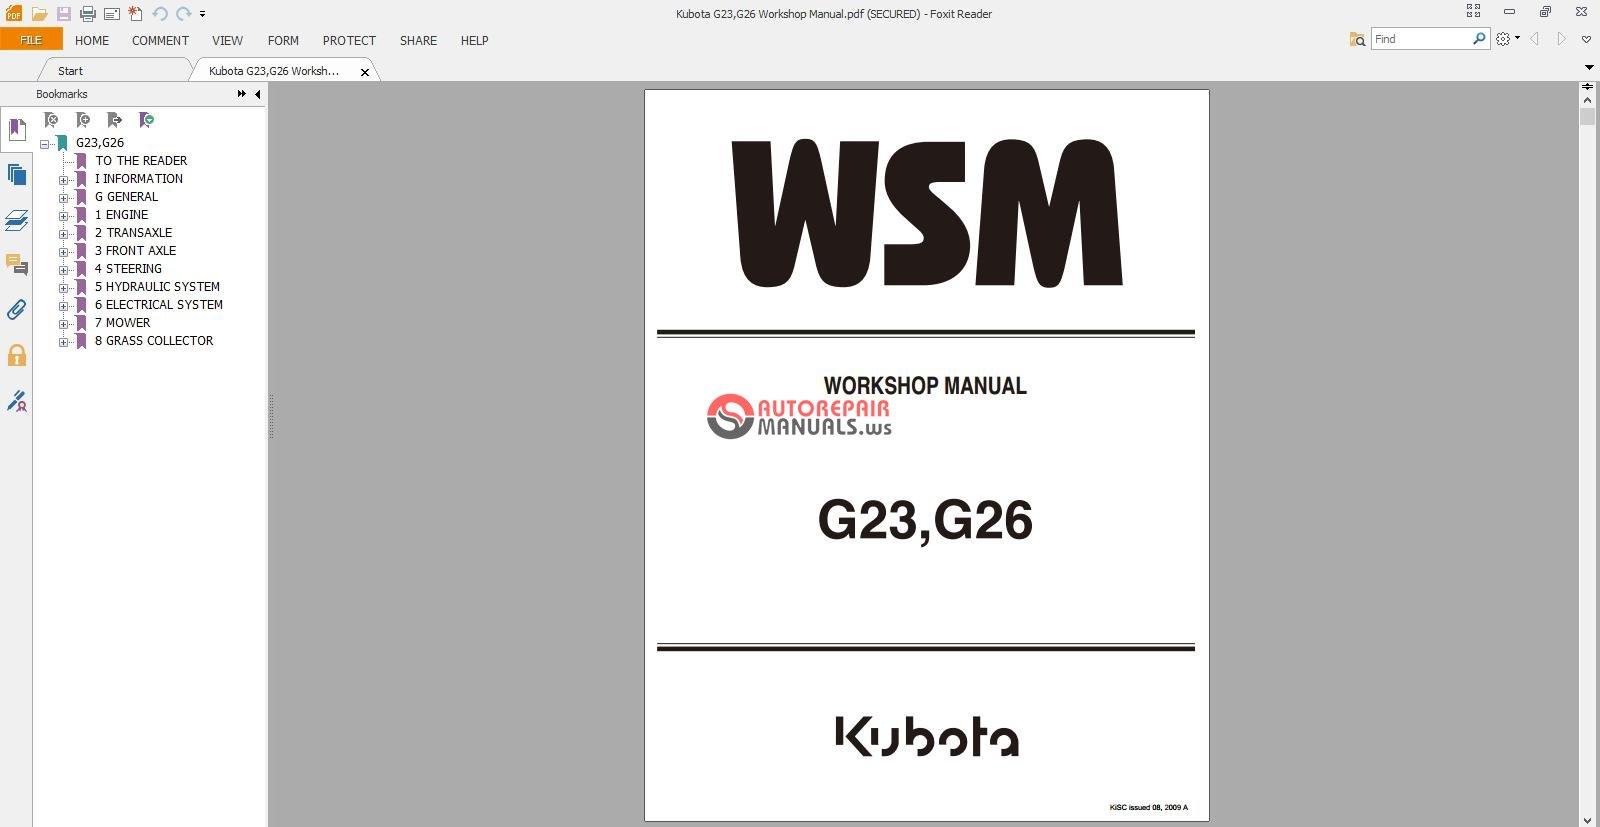 Kubota G23,G26 Workshop Manual.jpg